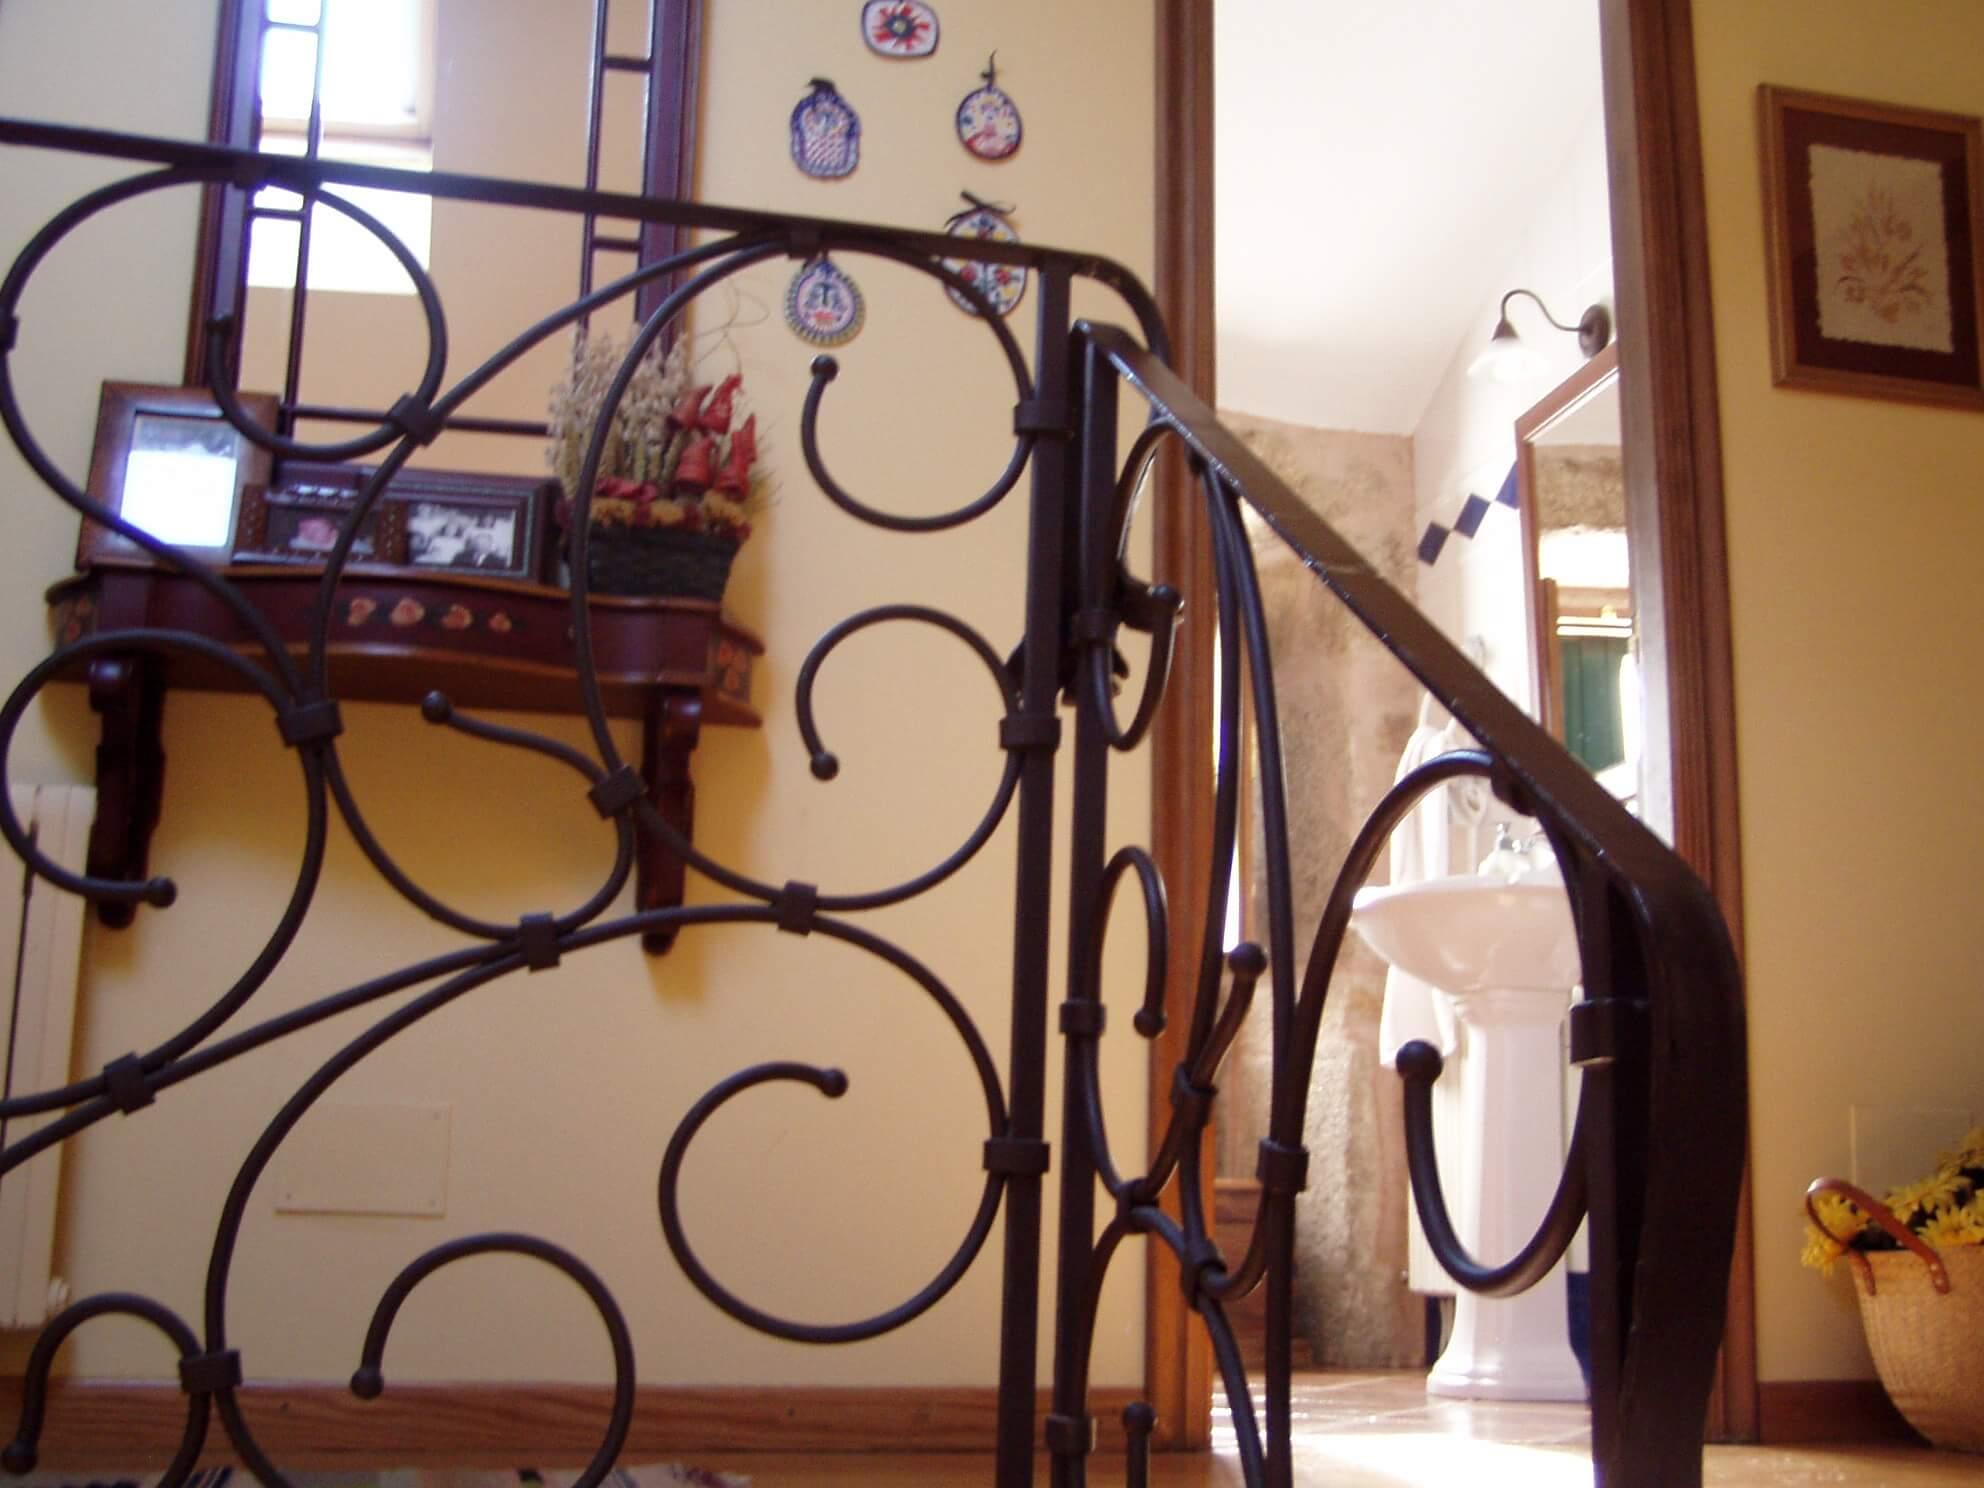 Trabajos En Forja Barandillas Escaleras Viviendas ~ Barandillas De Forja Para Escaleras De Interior